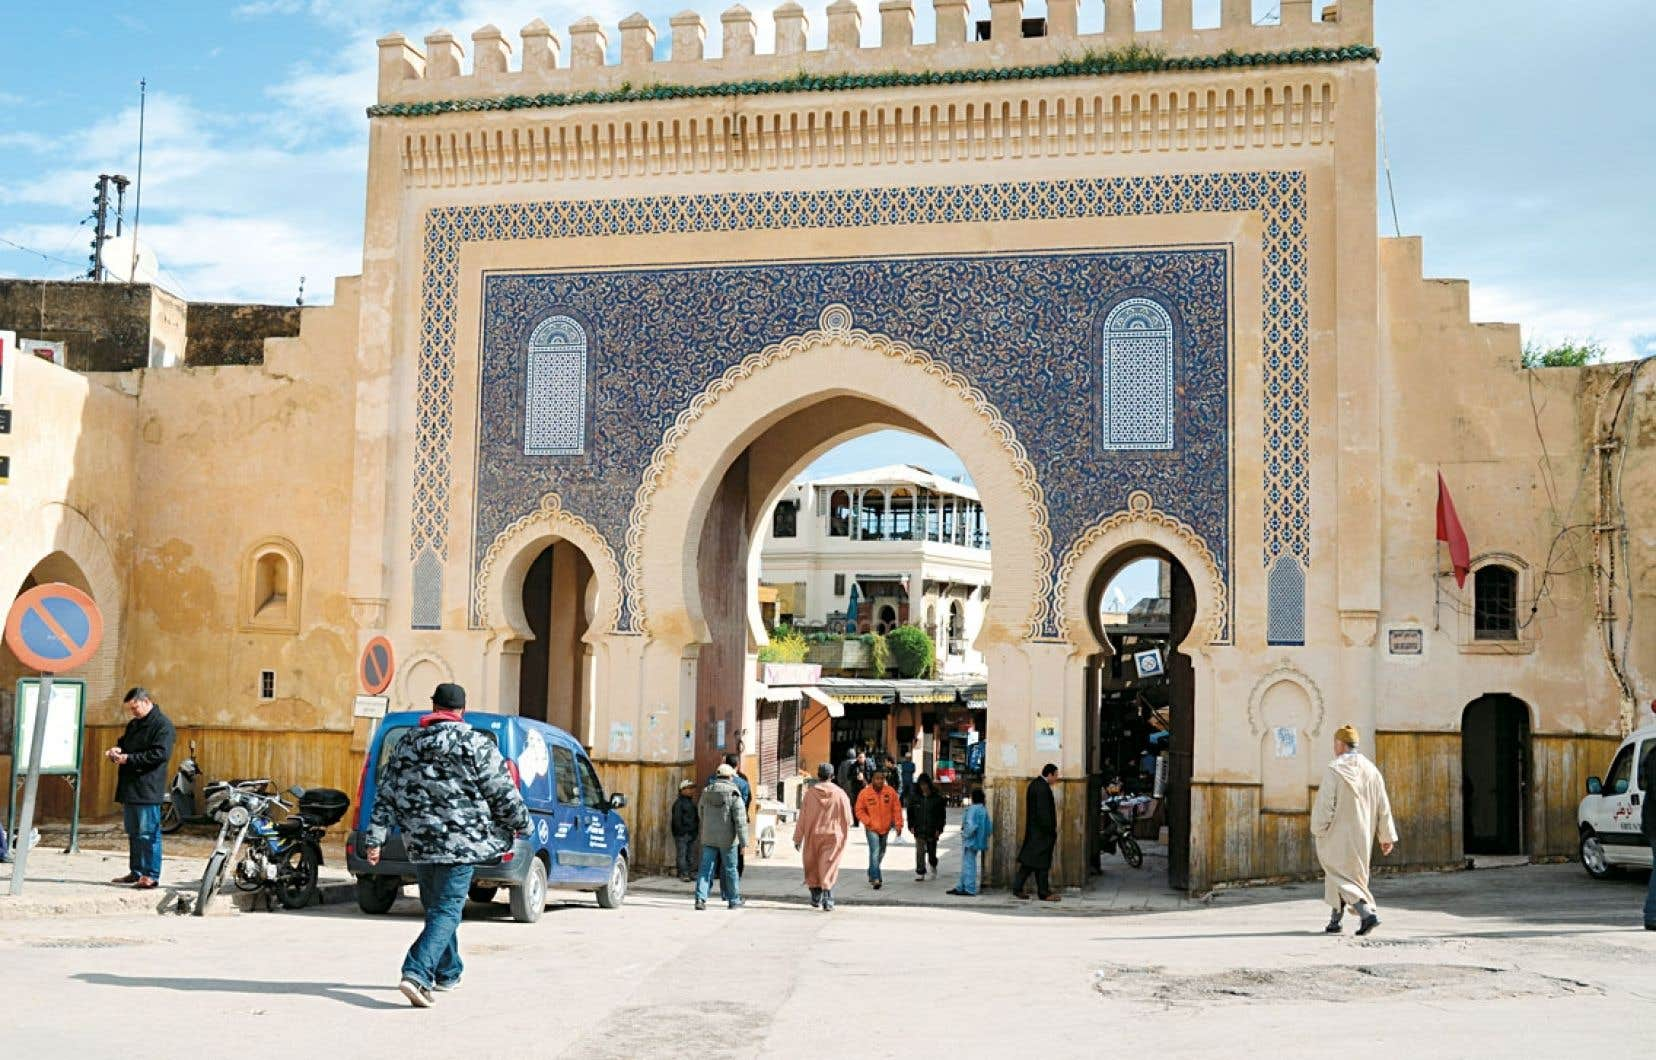 Bab Boujloud, principal accès à la médina de Fès. Ses façades sont ornées de carreaux de zellige, de couleur verte sur l'intérieur et bleue, chère aux artistes fassis, sur l'extérieur.